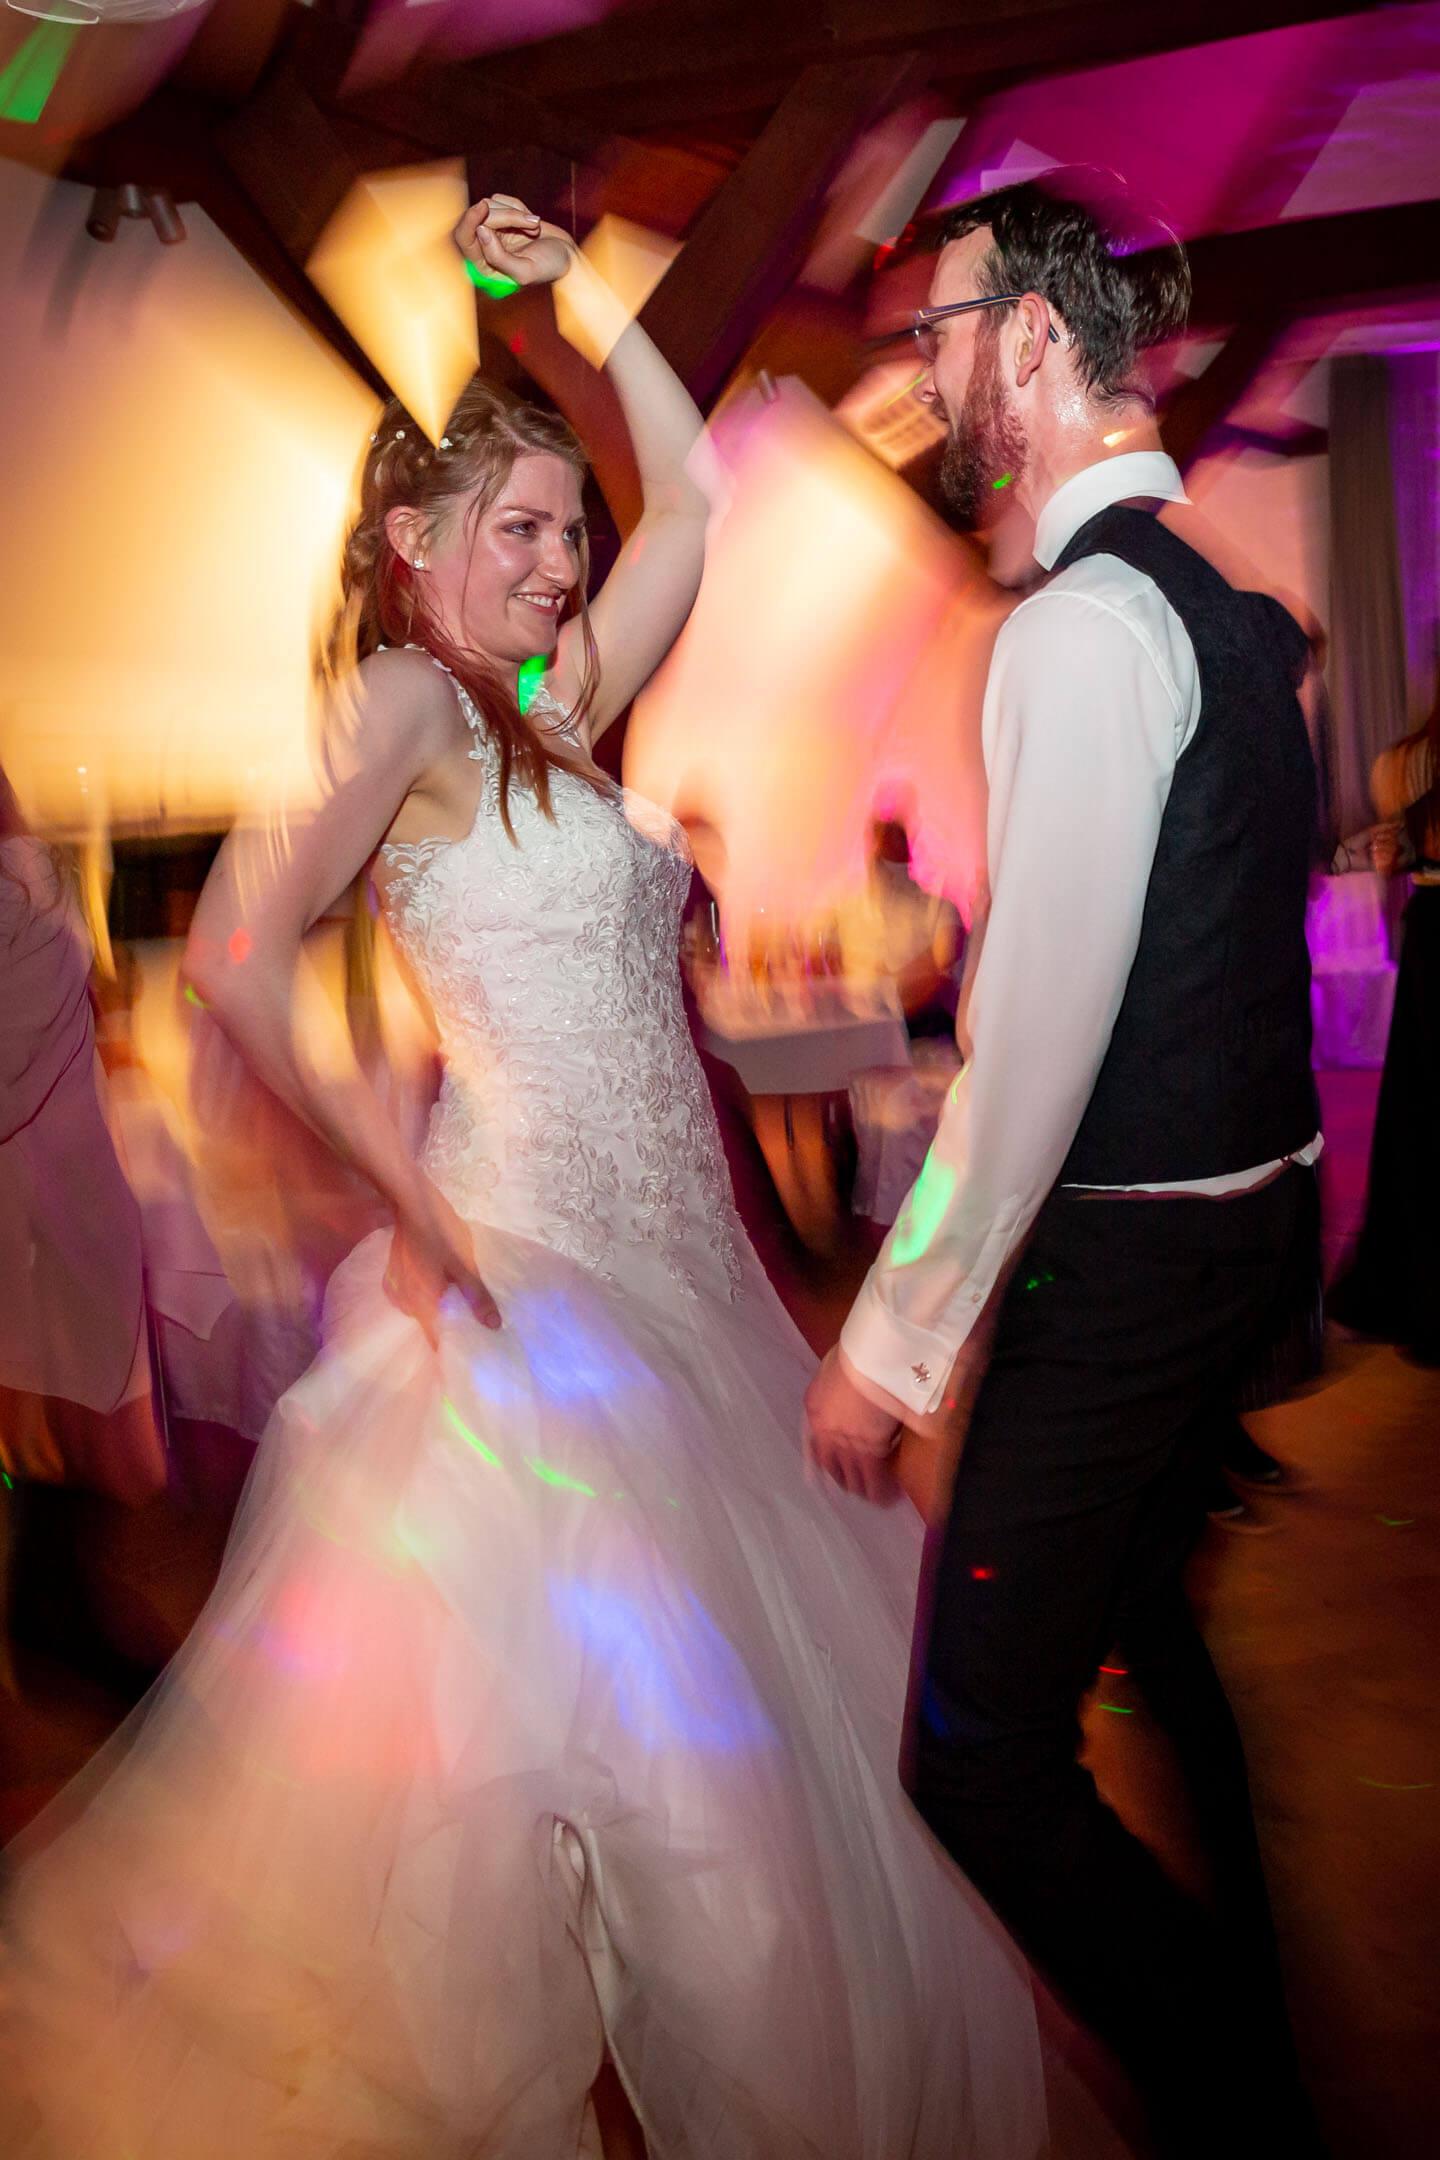 Brautpaar auf der tanzfläche. festgehalten von dem Hamburger Fotografen Florian Läufer